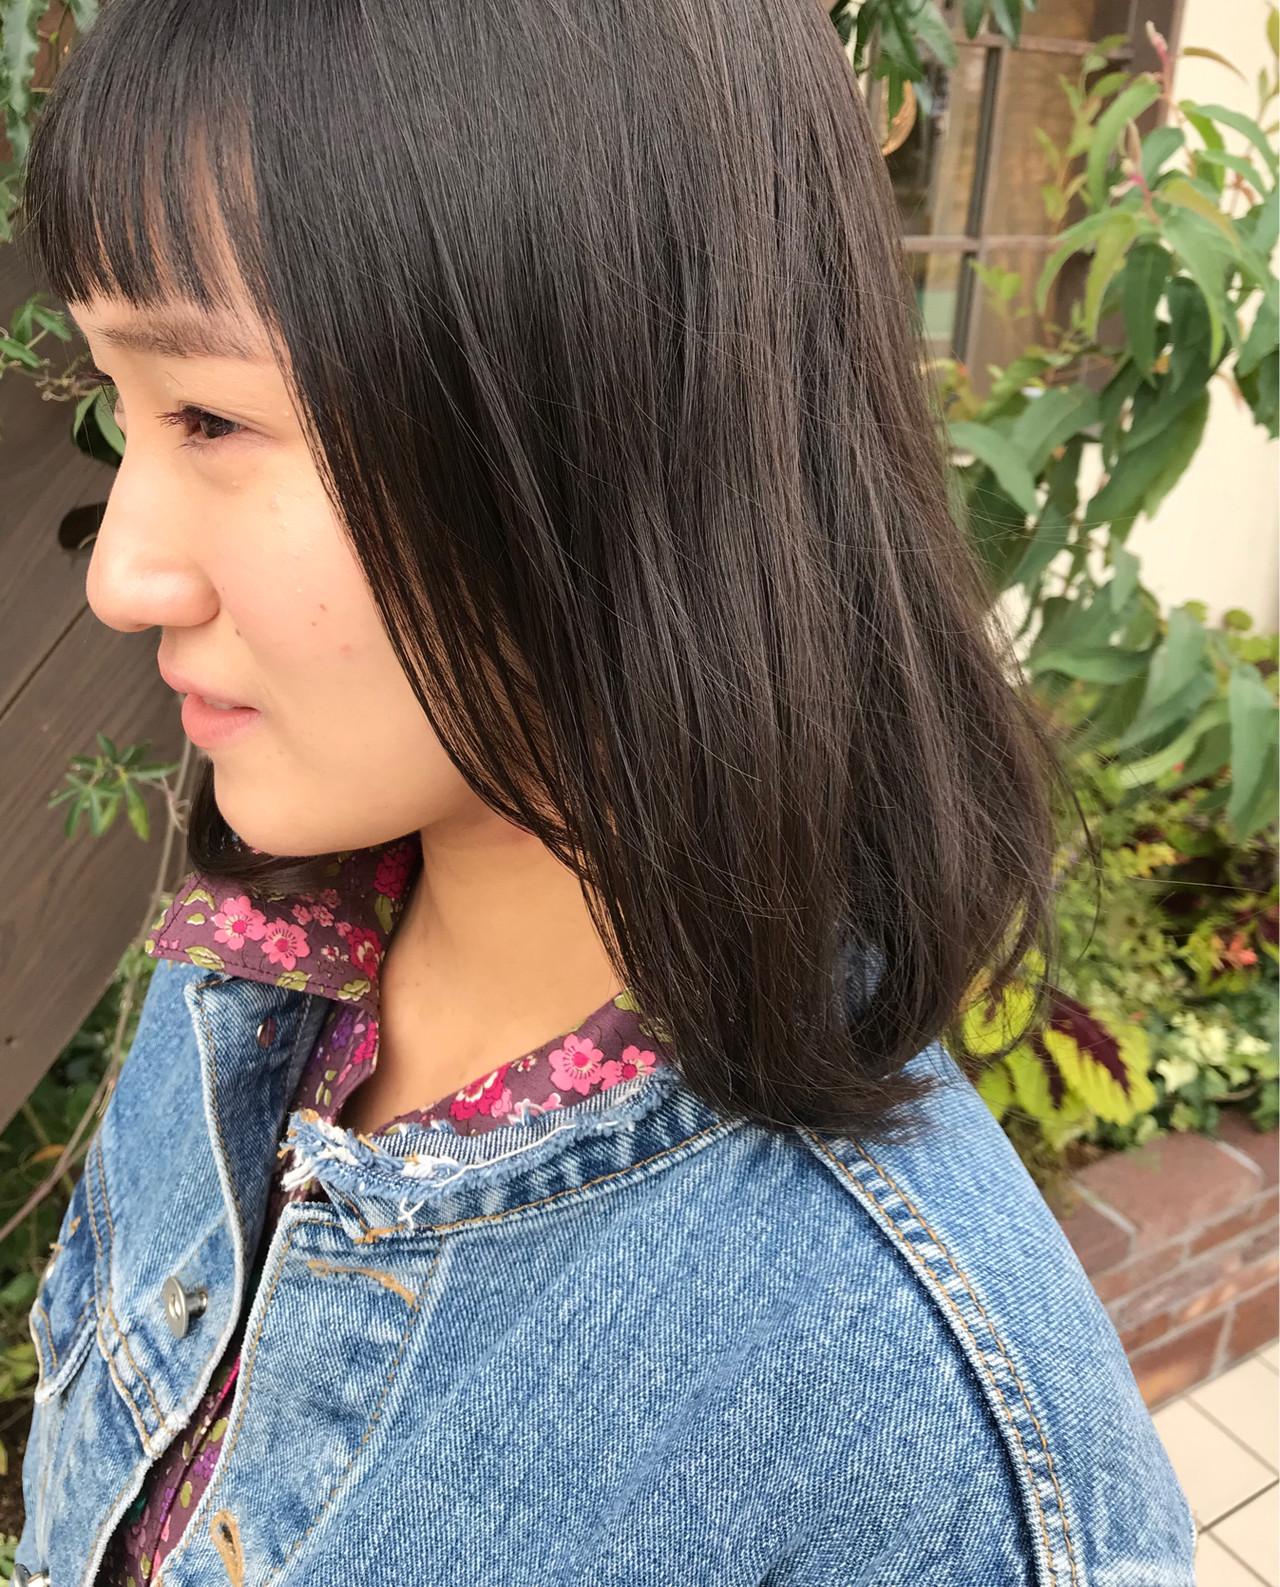 ミディアム ナチュラル デート アンニュイほつれヘア ヘアスタイルや髪型の写真・画像 | Nakamura Mari / rocca